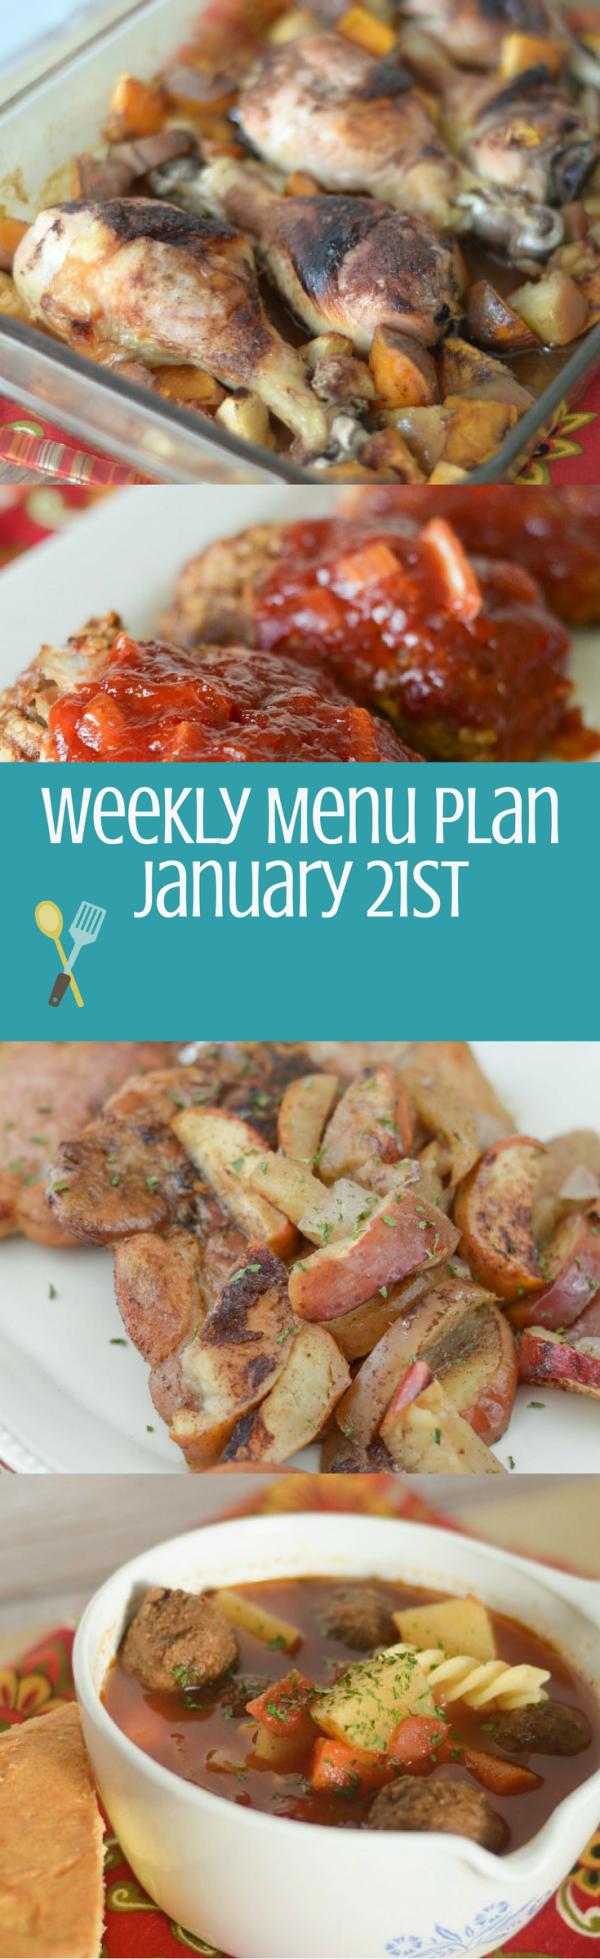 Weekly Menu Plan - Week of January 21st